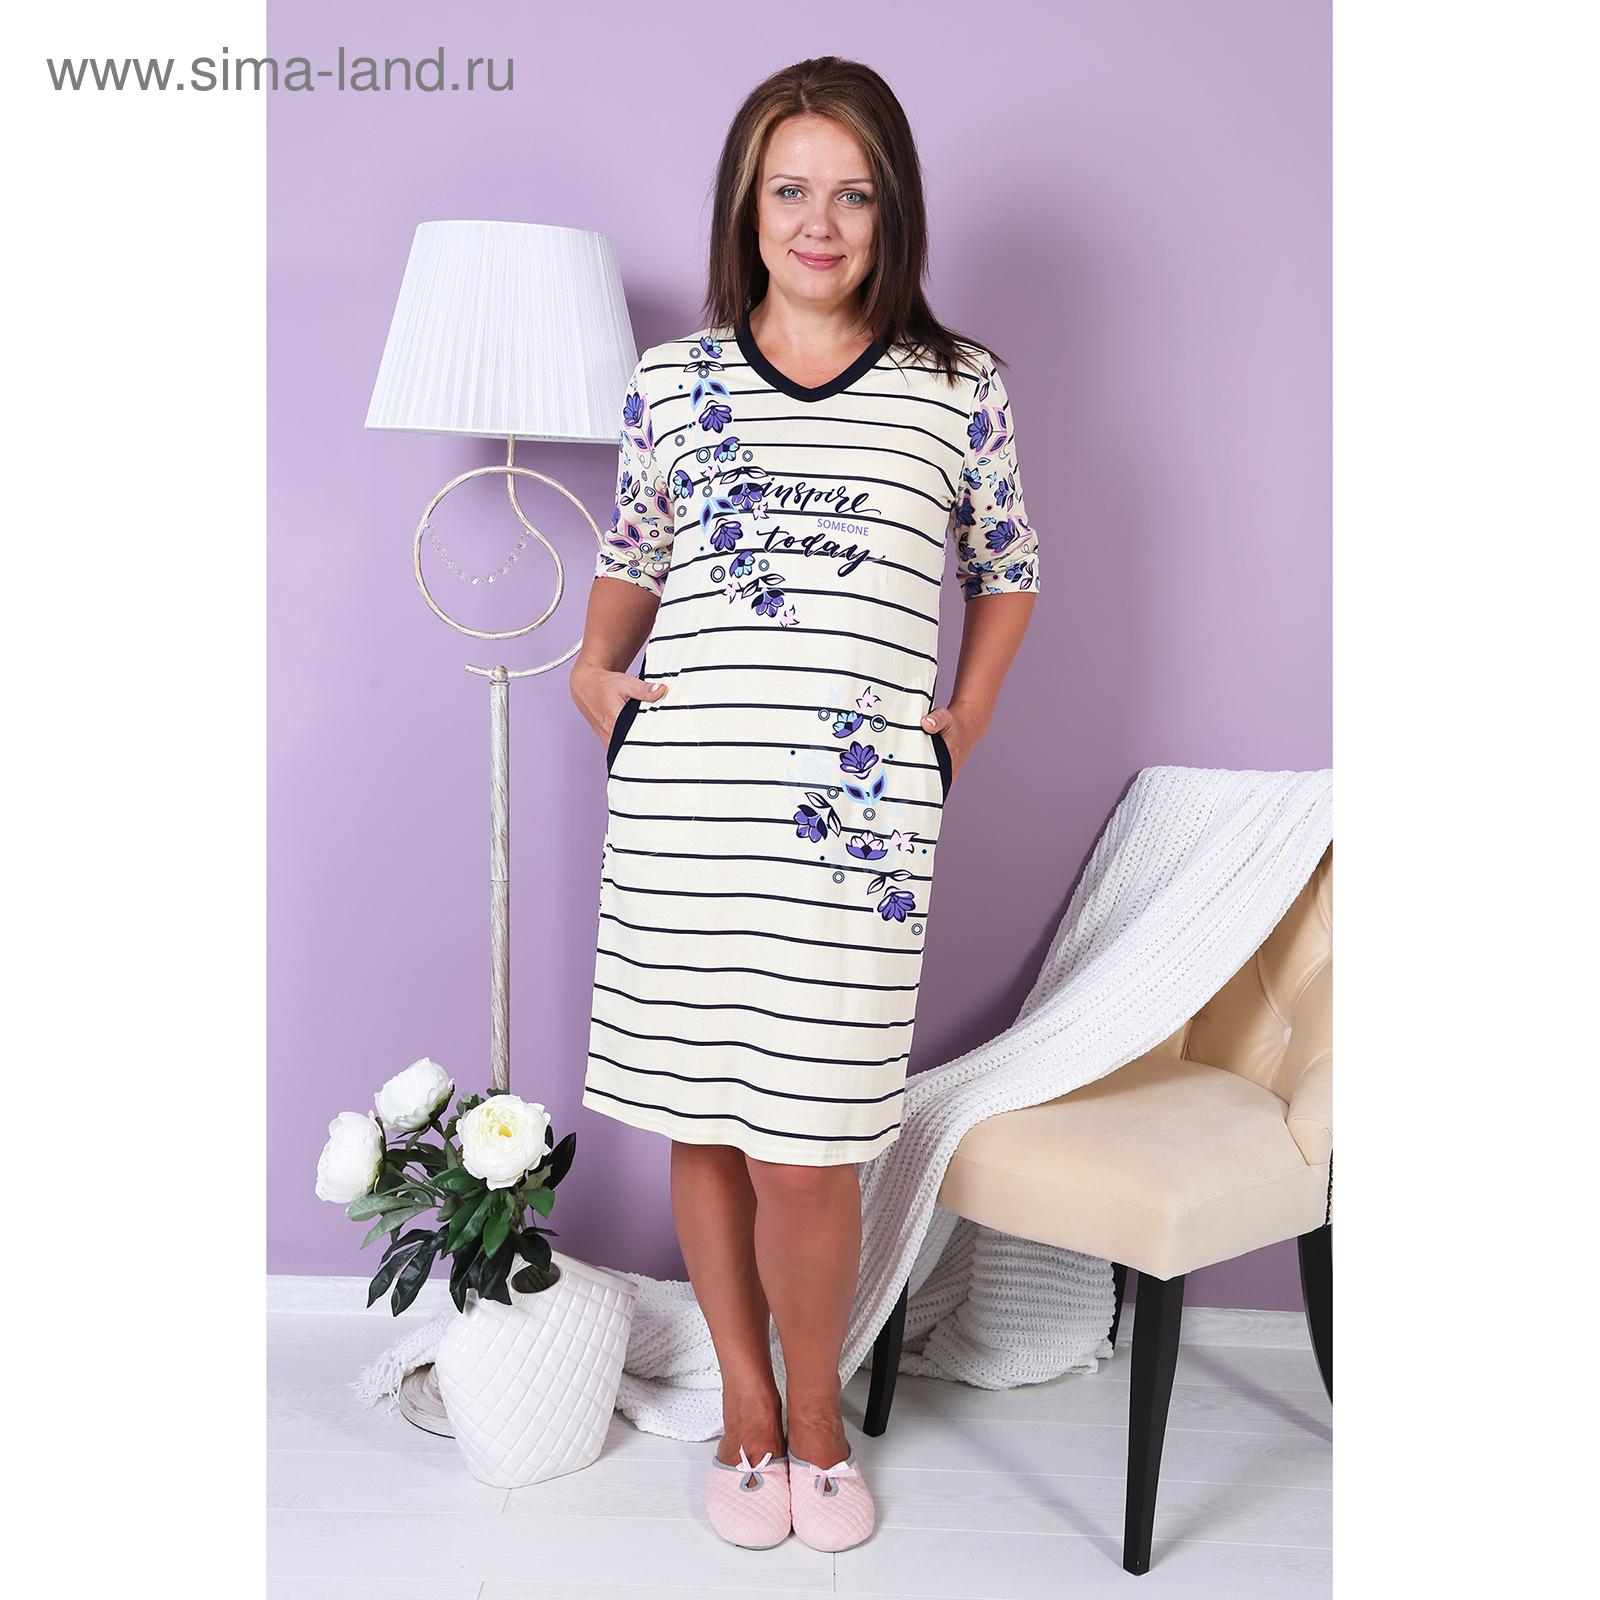 Туника женская «Виолетта», цвет бежевый, размер 48 (Т-154) - Купить ... 44eddb7fb1a